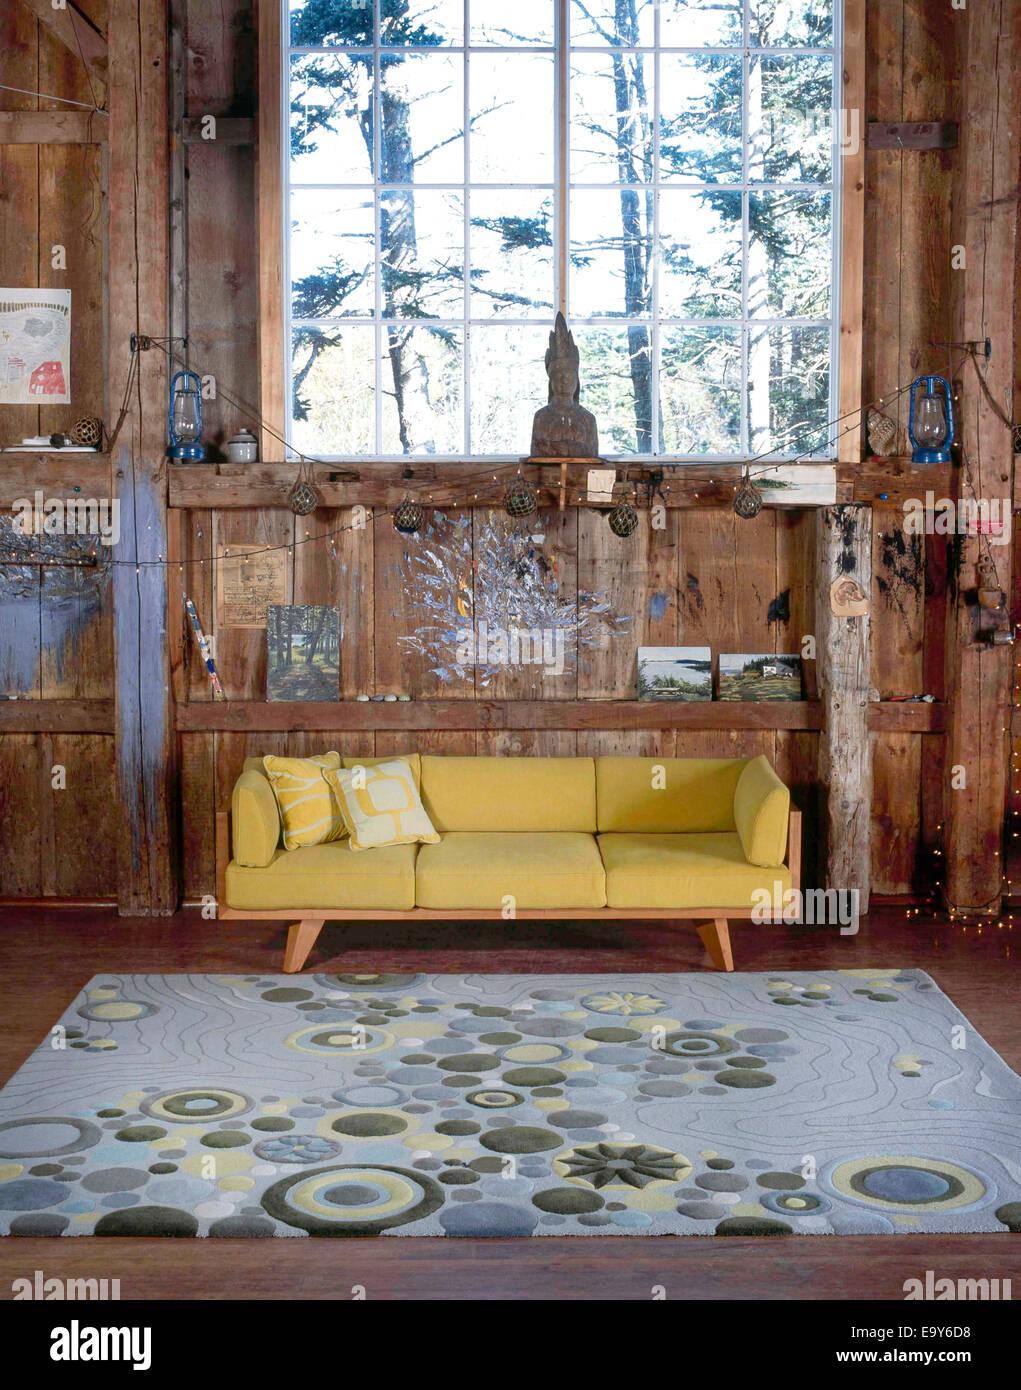 Sofa und Teppich in Scheune studio Stockbild